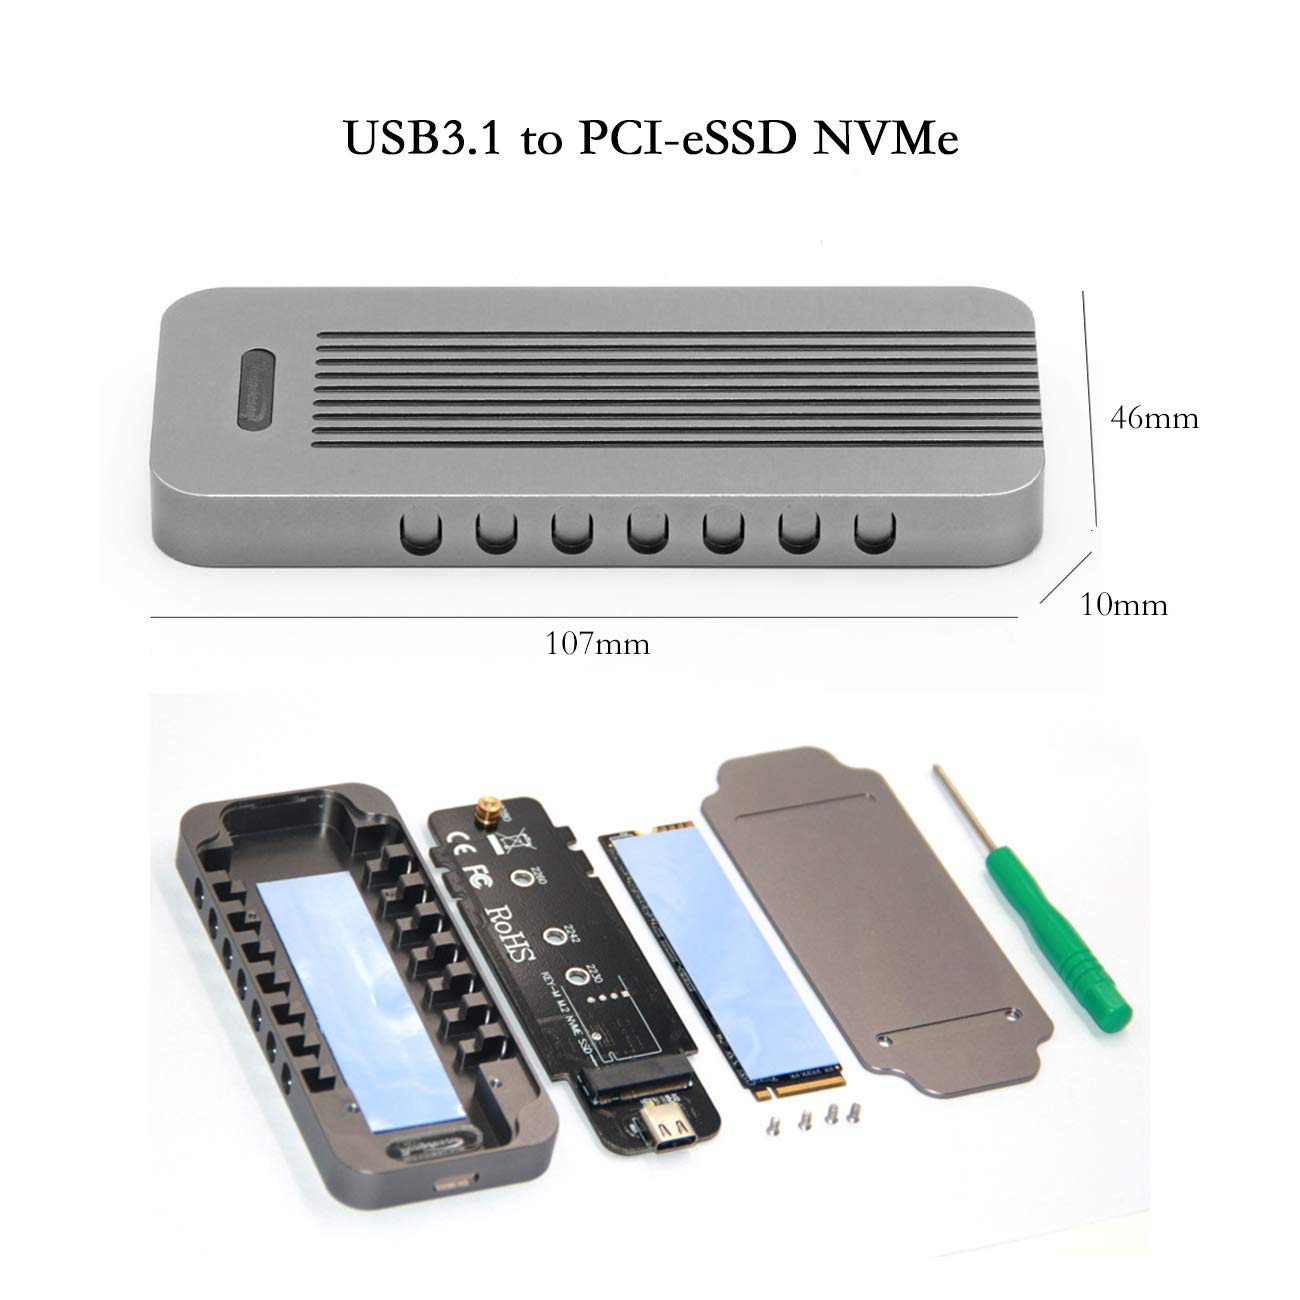 Amazon.com: YIKESHU - Carcasa de aluminio para disco duro ...